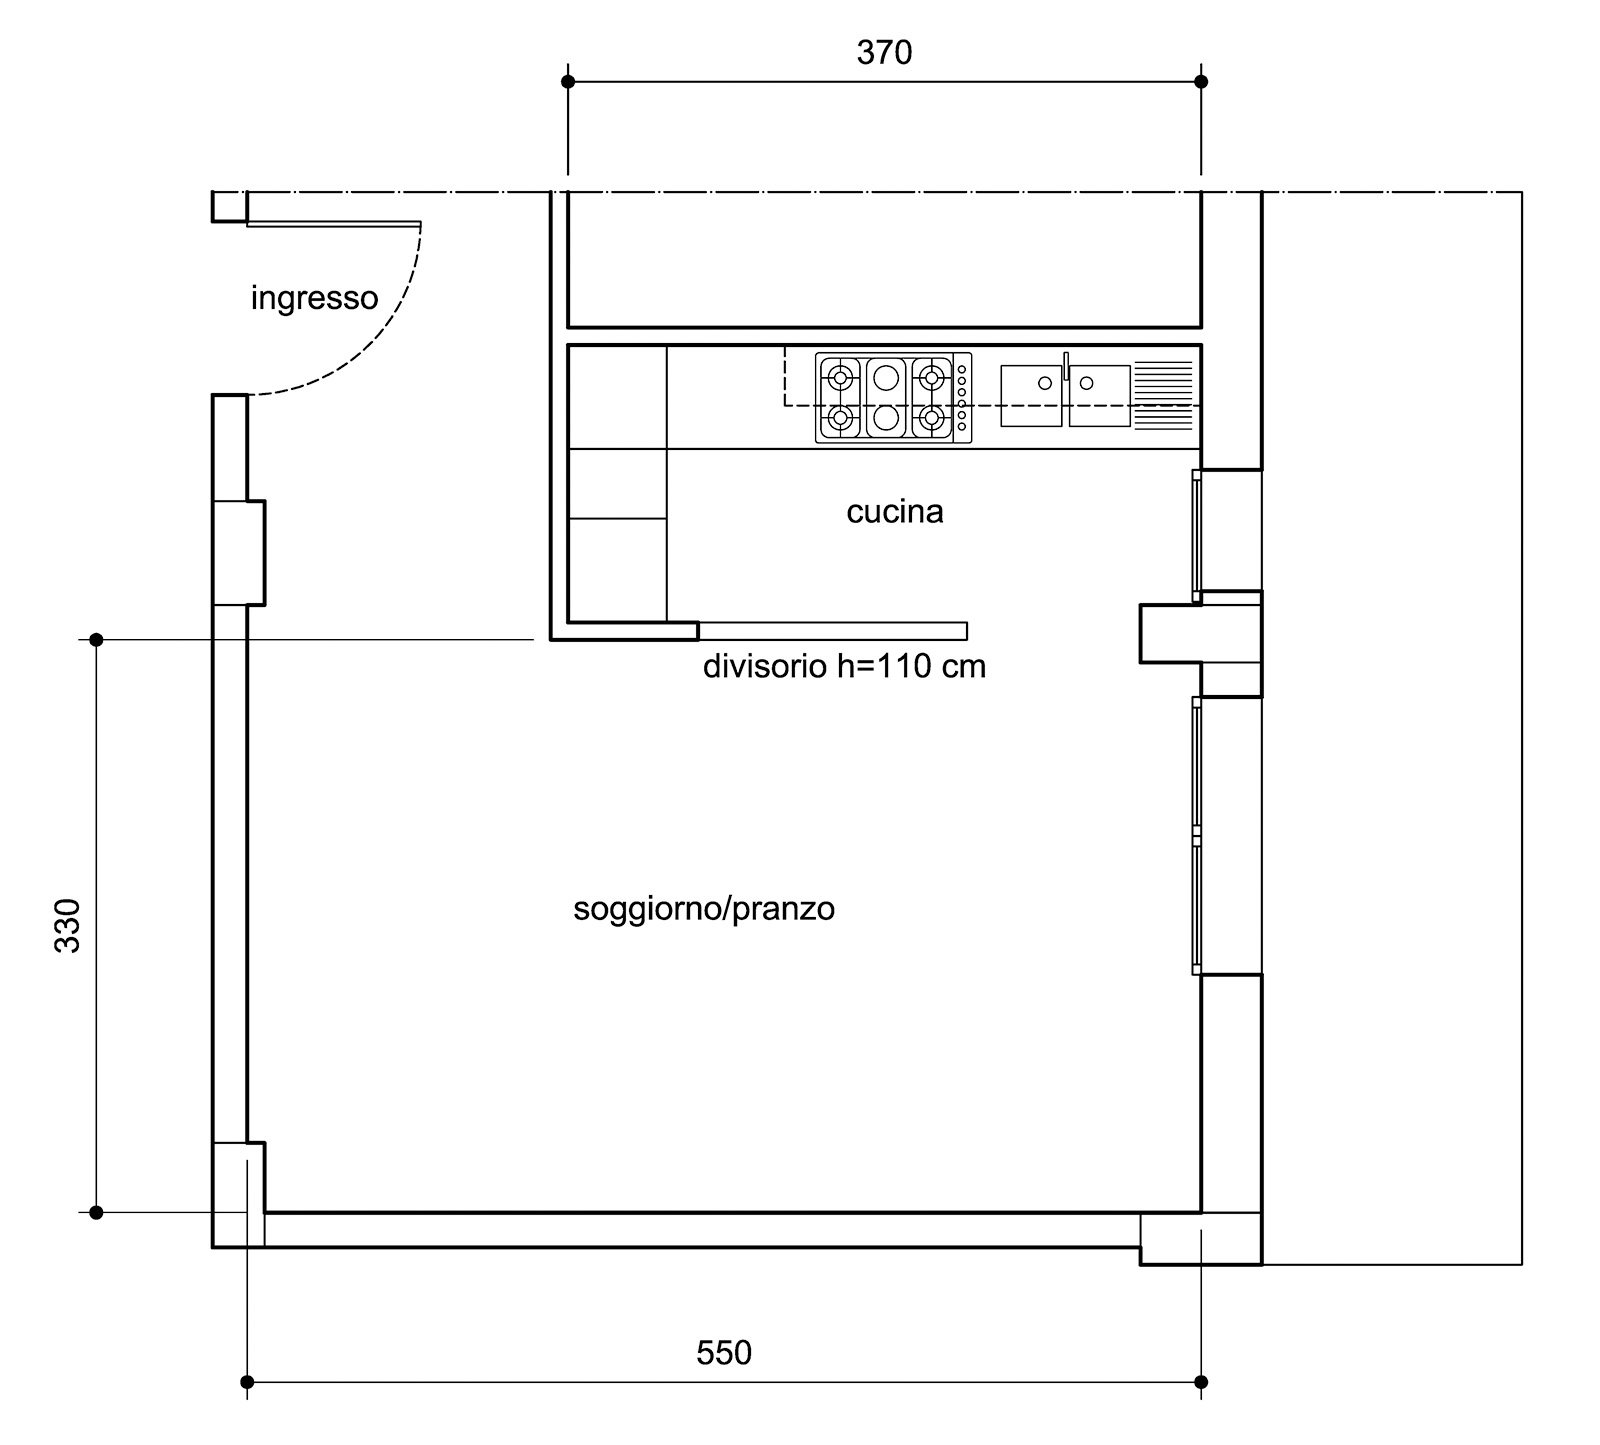 Arredare Il Soggiorno Zona Pranzo Con Cucina A Vista Cose Di Casa #4A4A4A 1600 1445 Arredare Sala Con Cucina A Vista